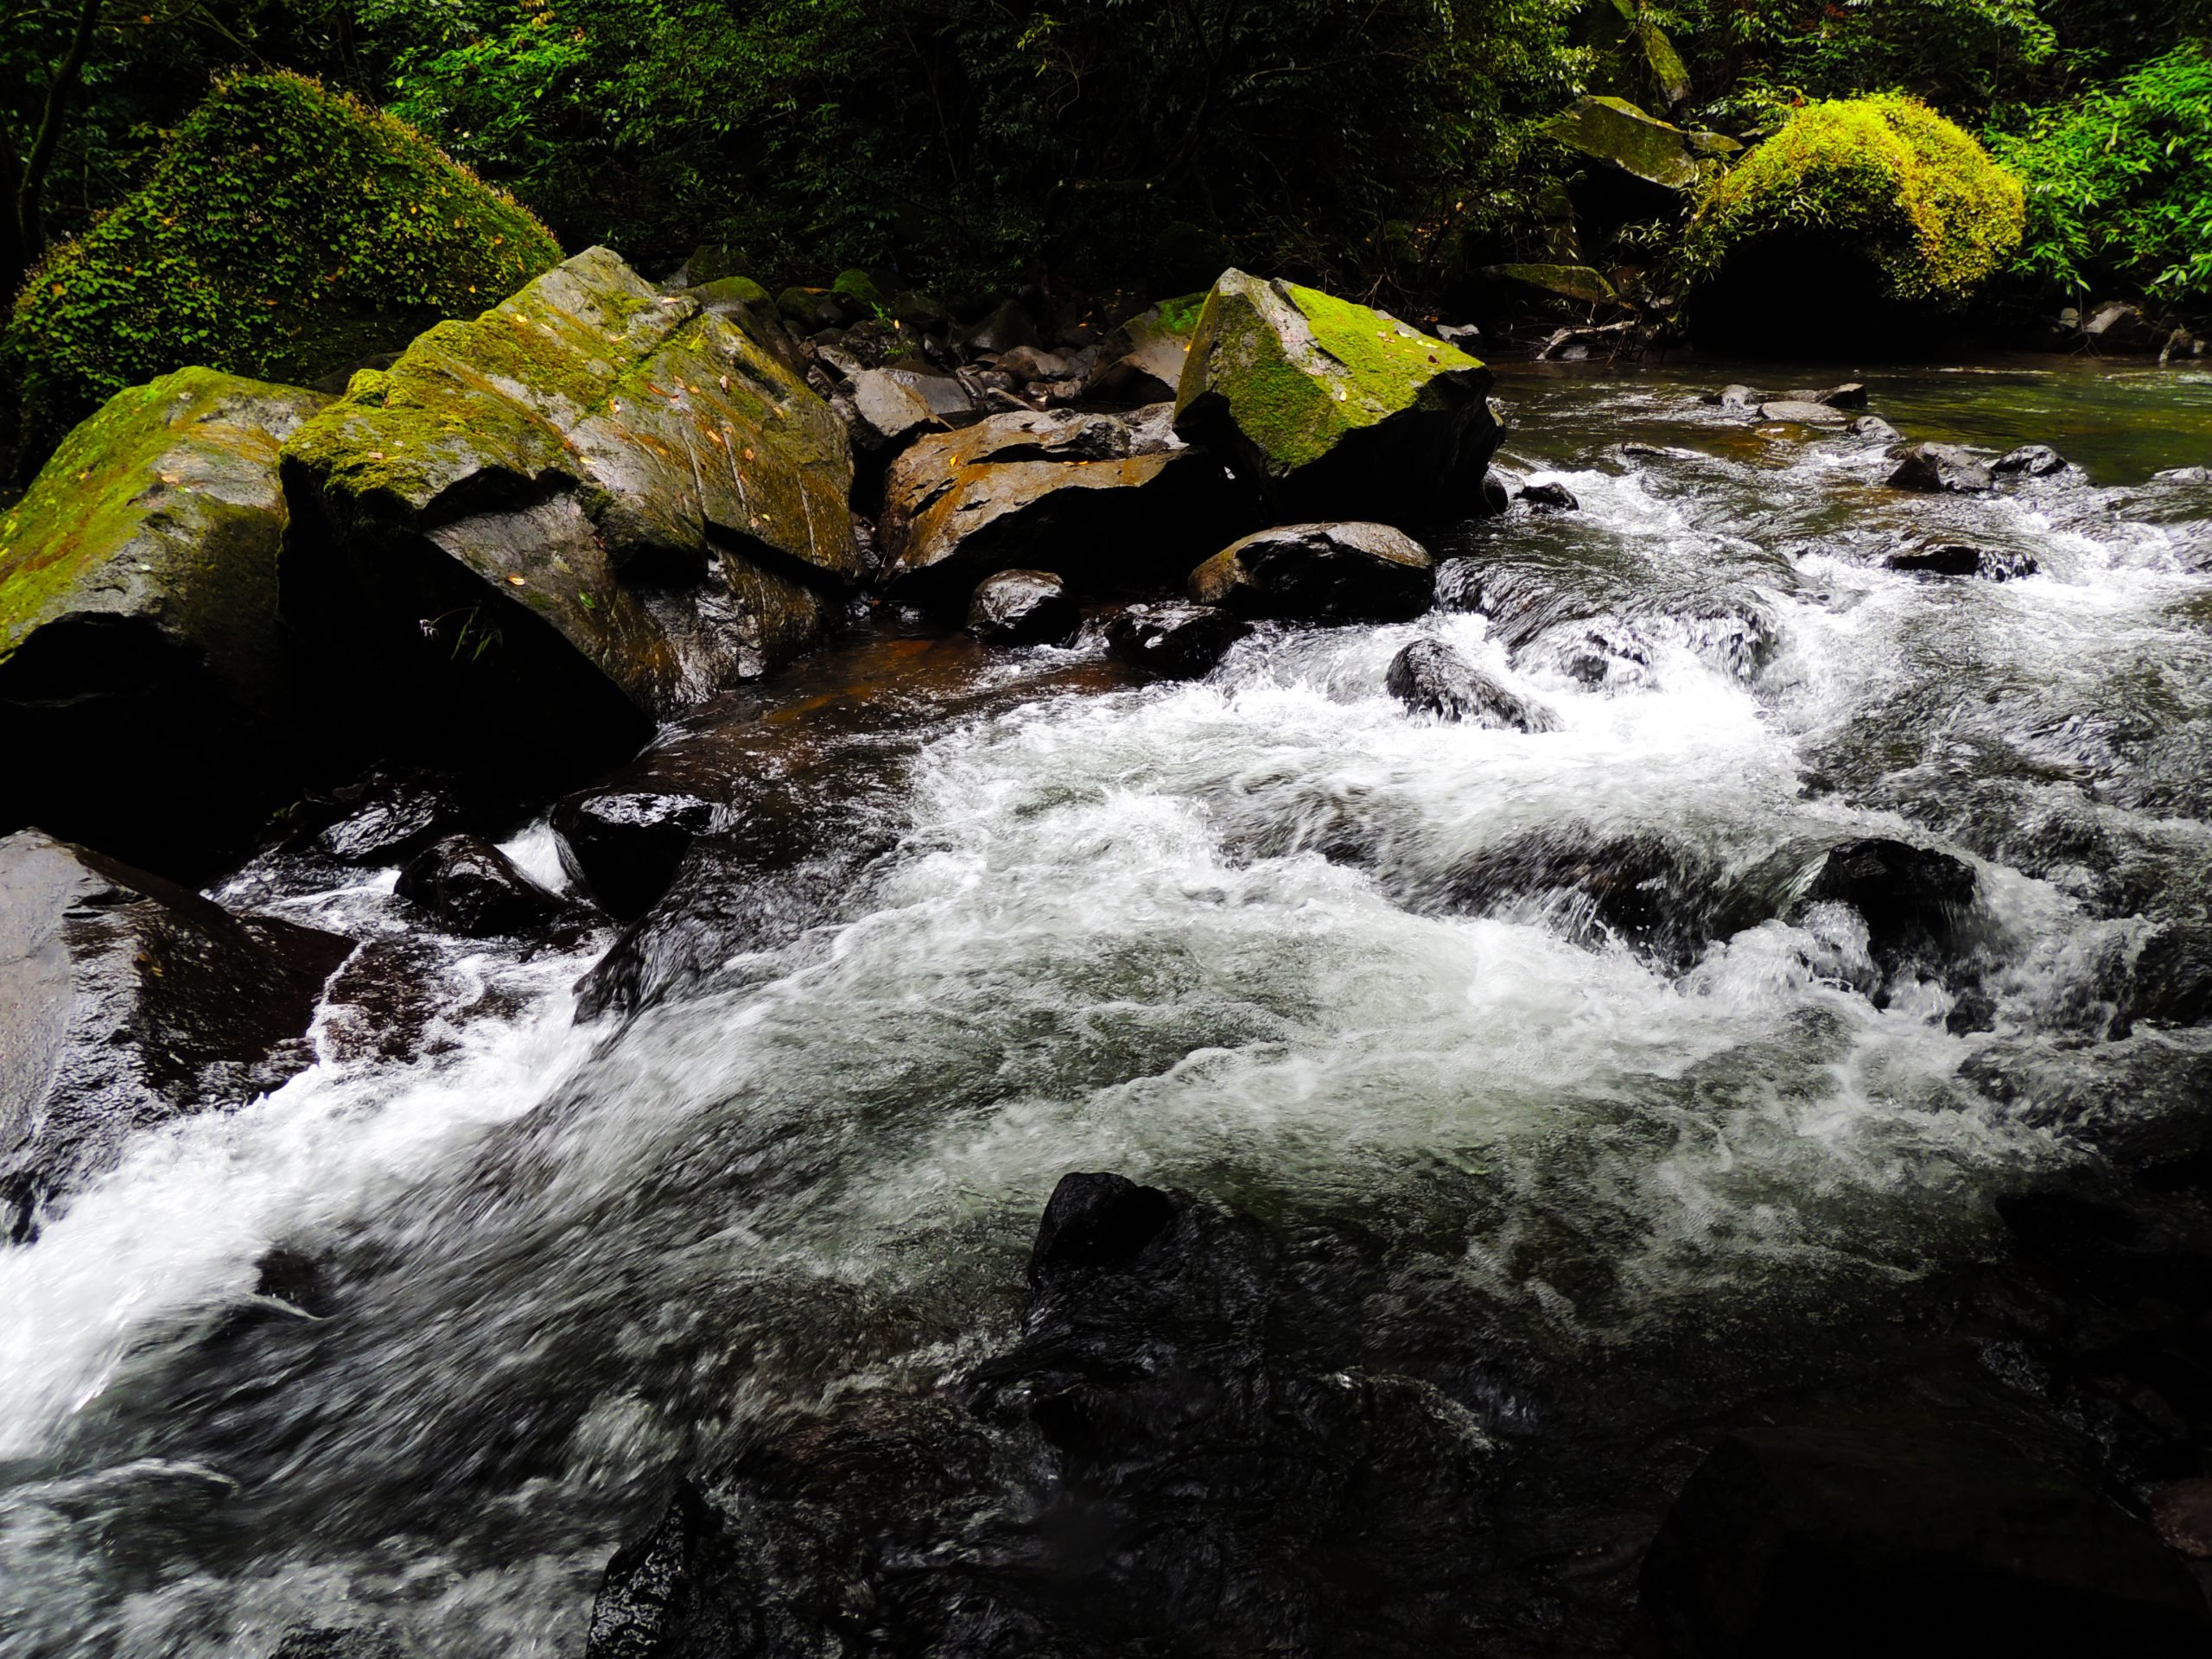 River Flowing Waters